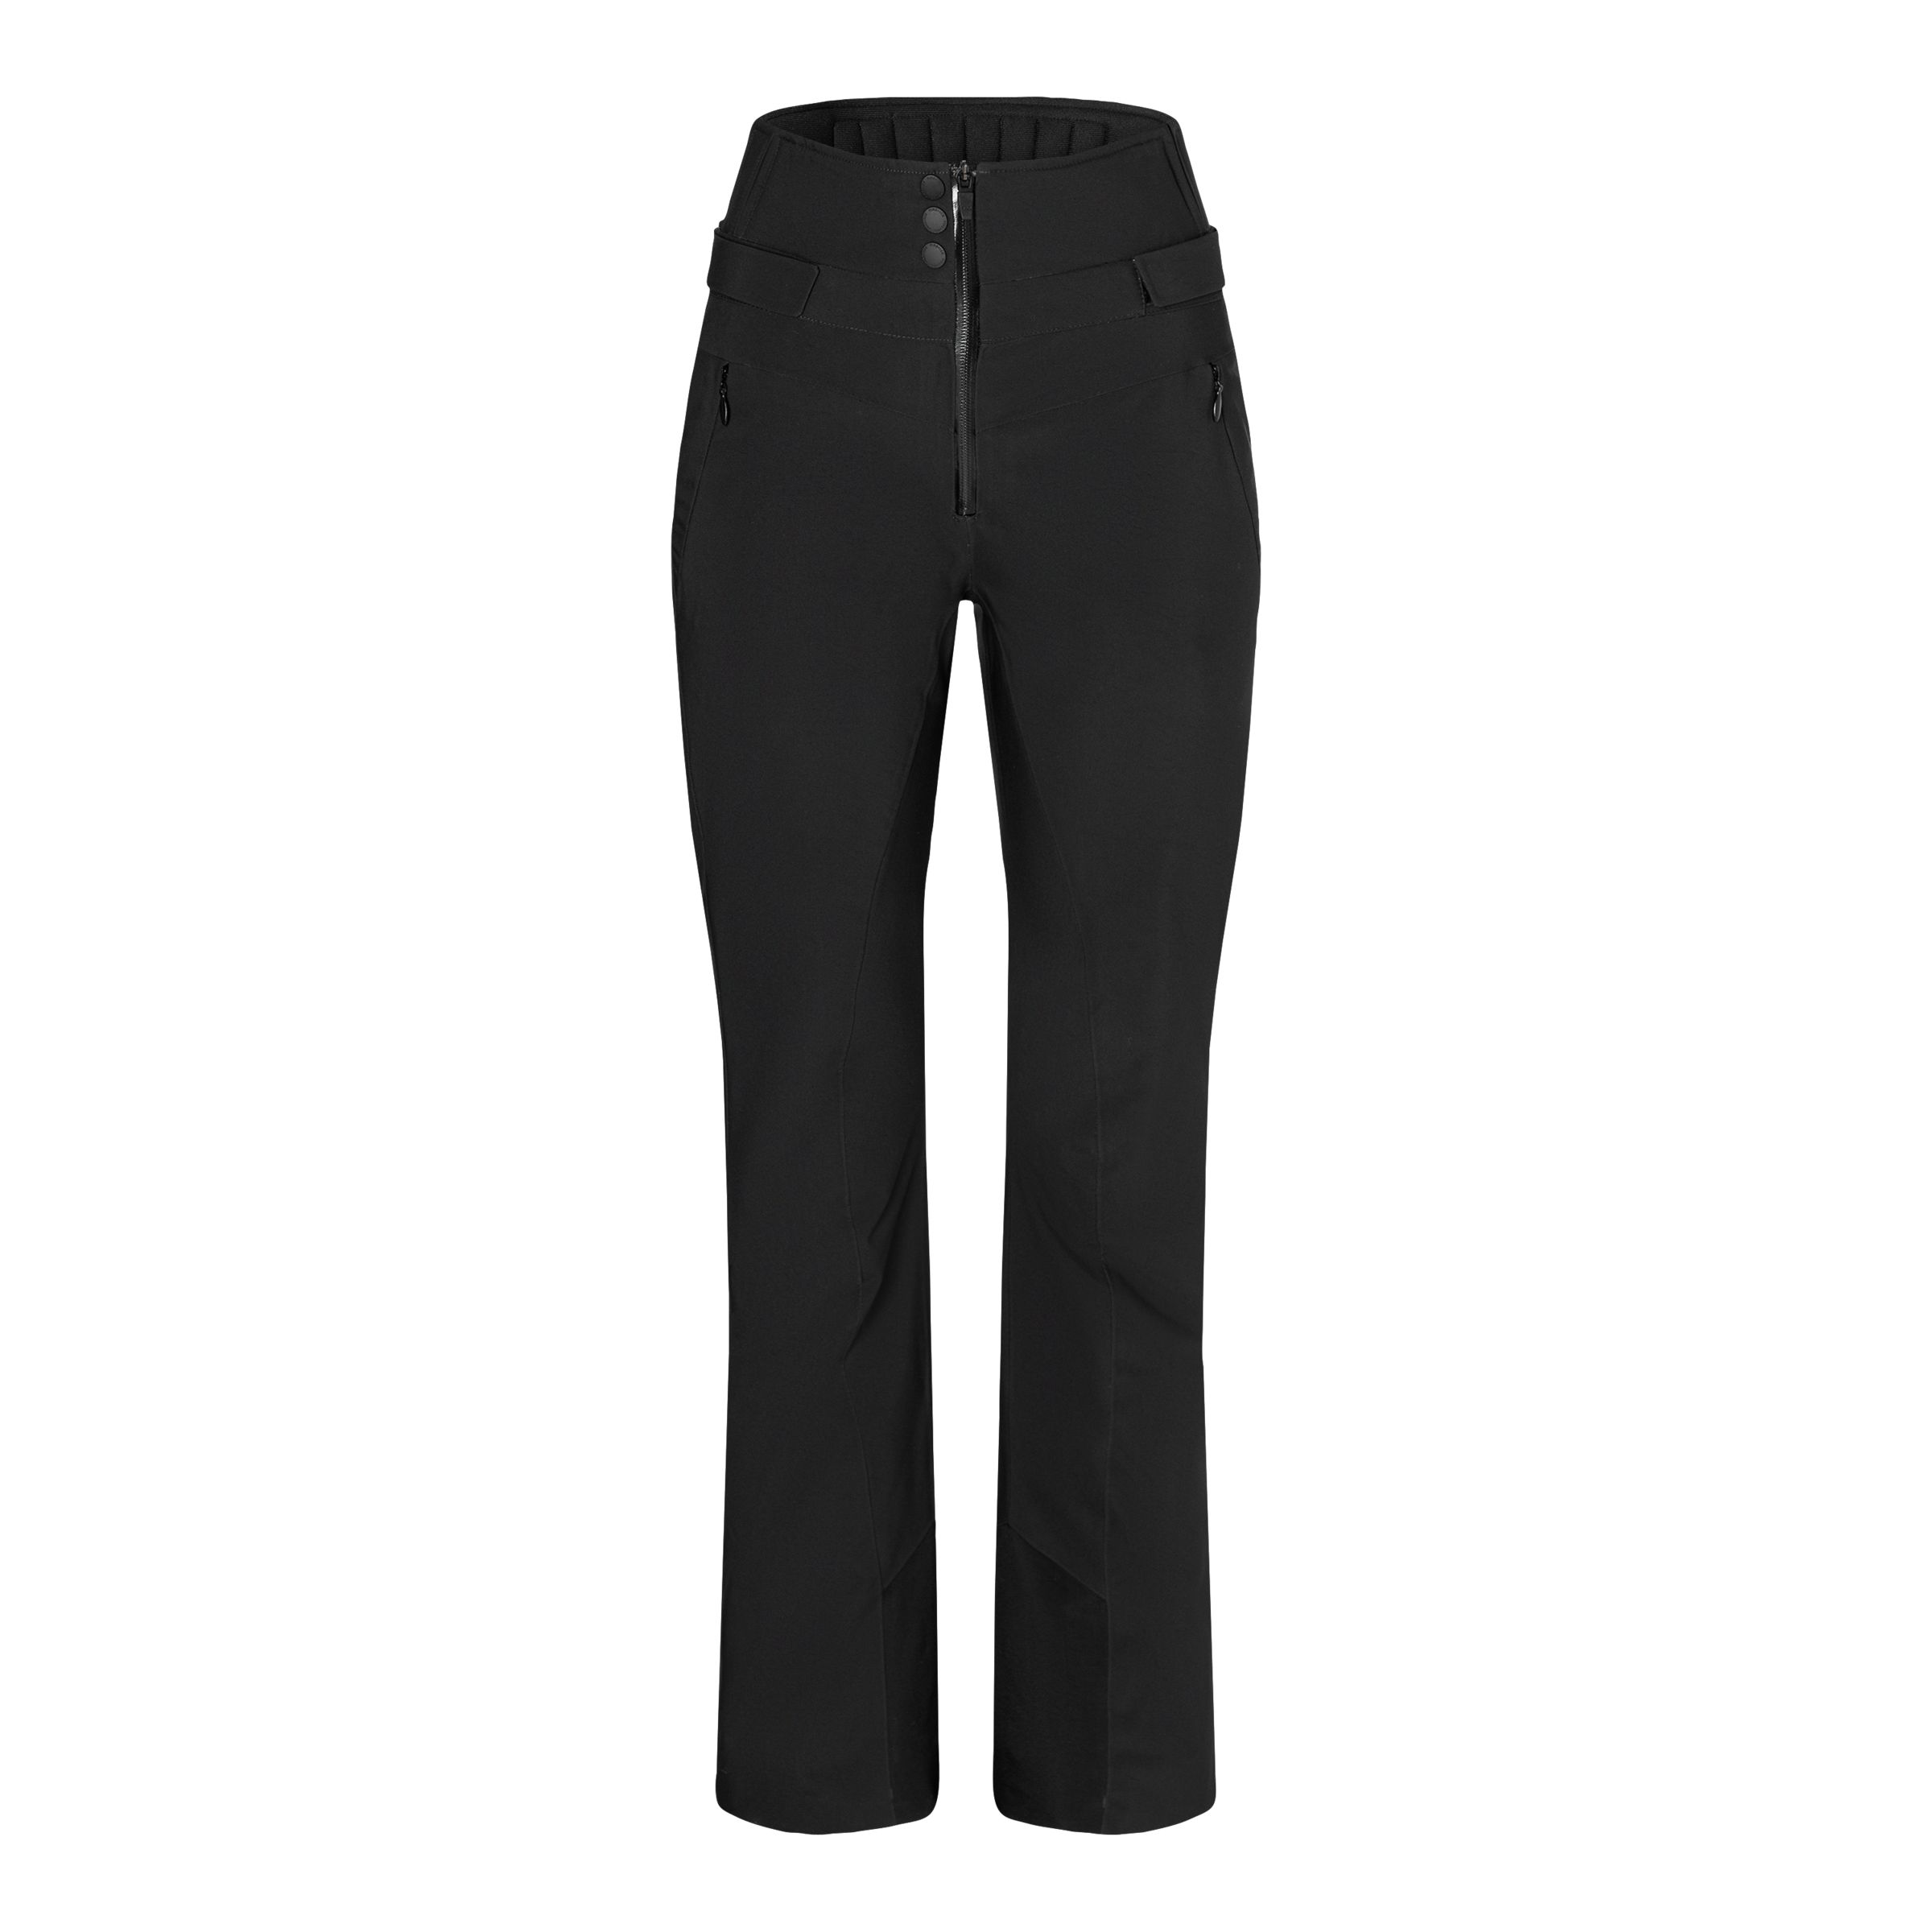 Pantaloni Ski & Snow -  bogner fire and ice BORJA Ski Trousers